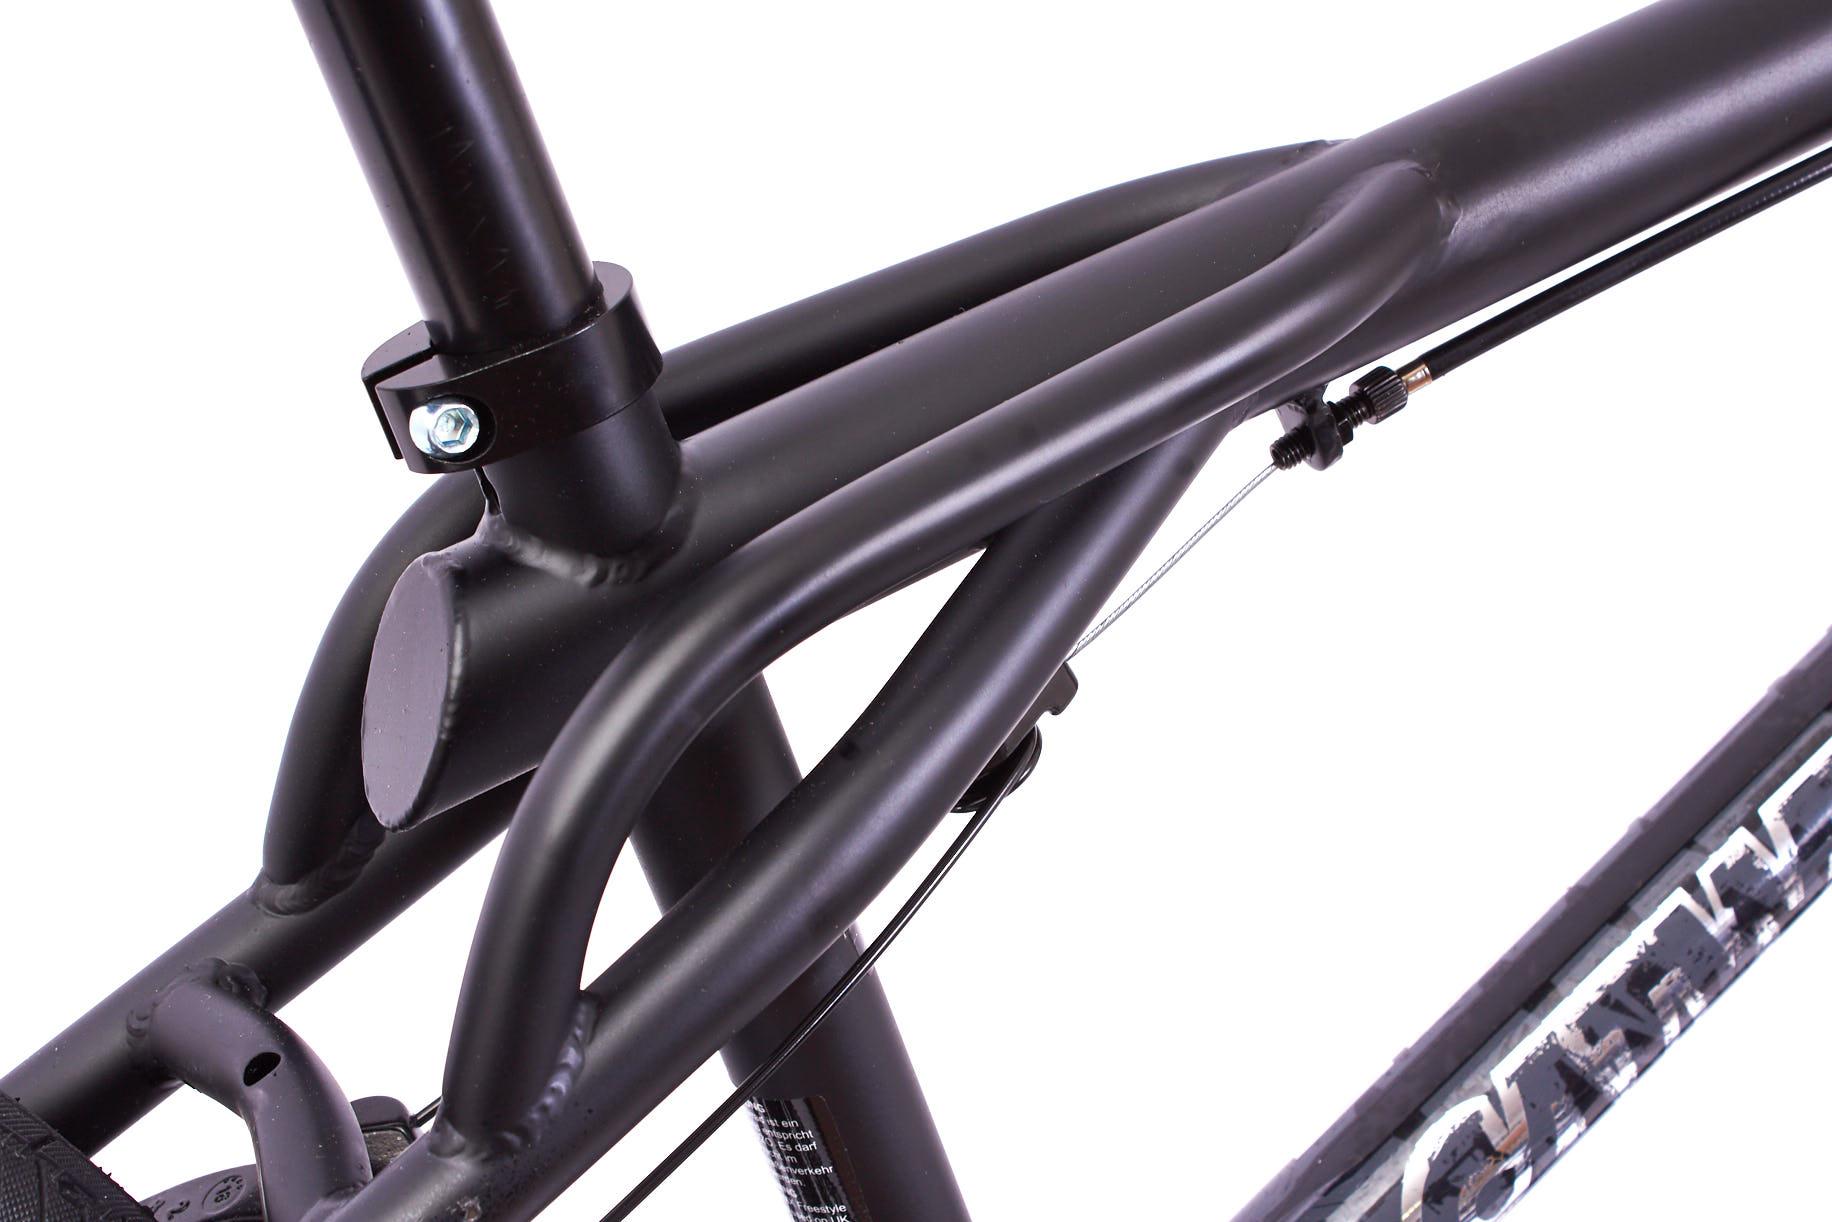 Zu einem richtigen Retro-BMX-Freestlye-Rad gehört selbstverständlich ein Rahmen mit Plattform!